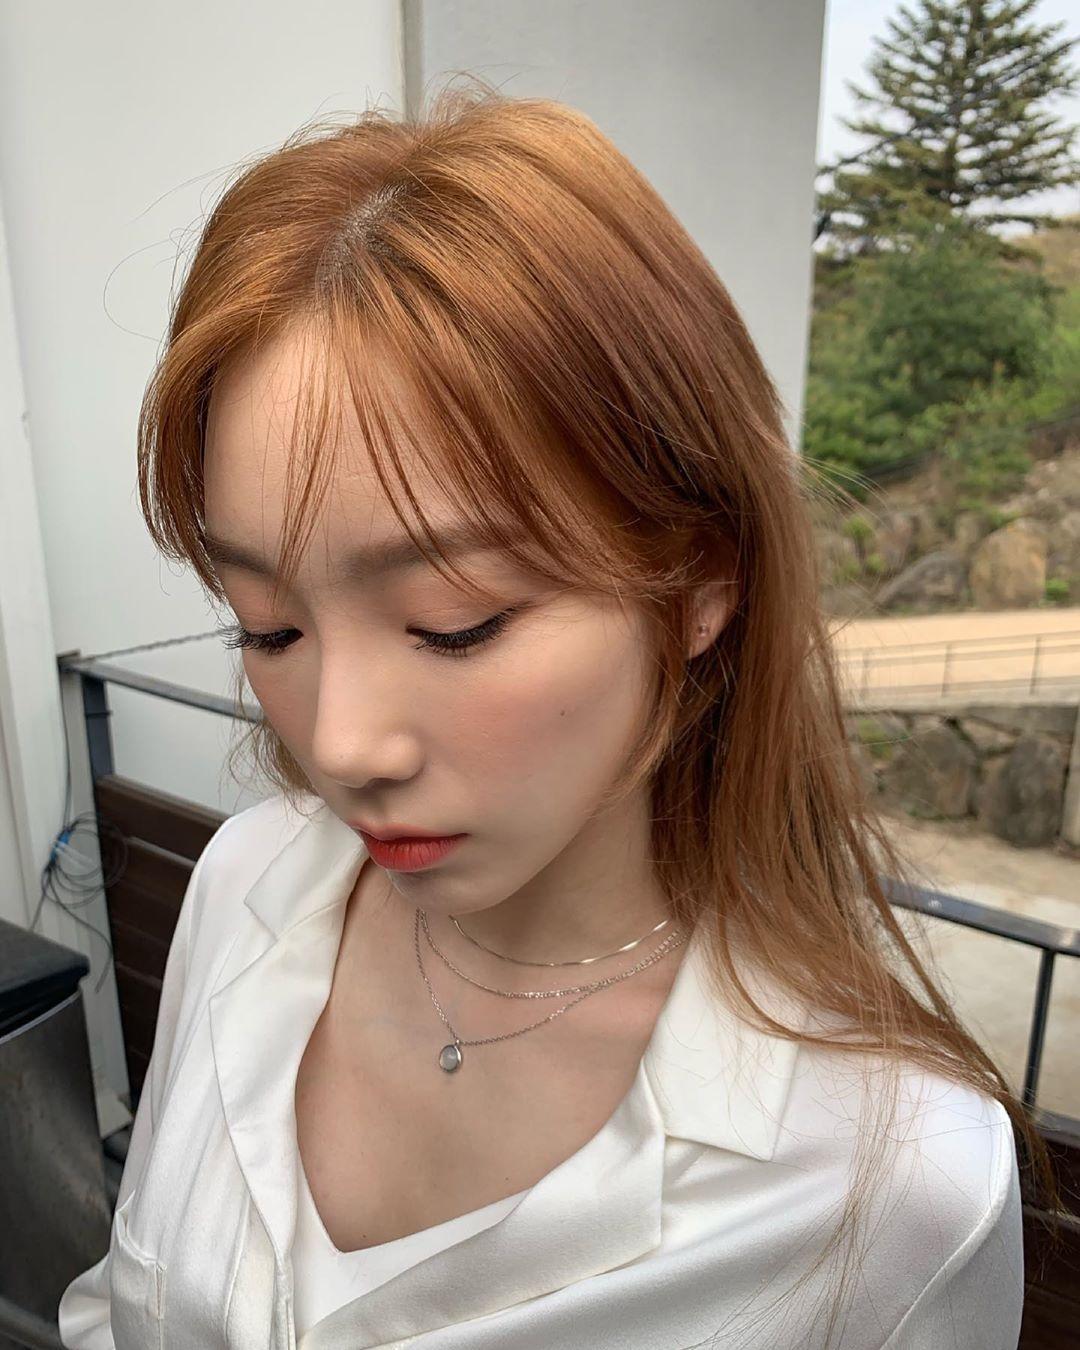 少女时代金泰妍公开清新气质的近况照片 美丽的眼睛令人心动